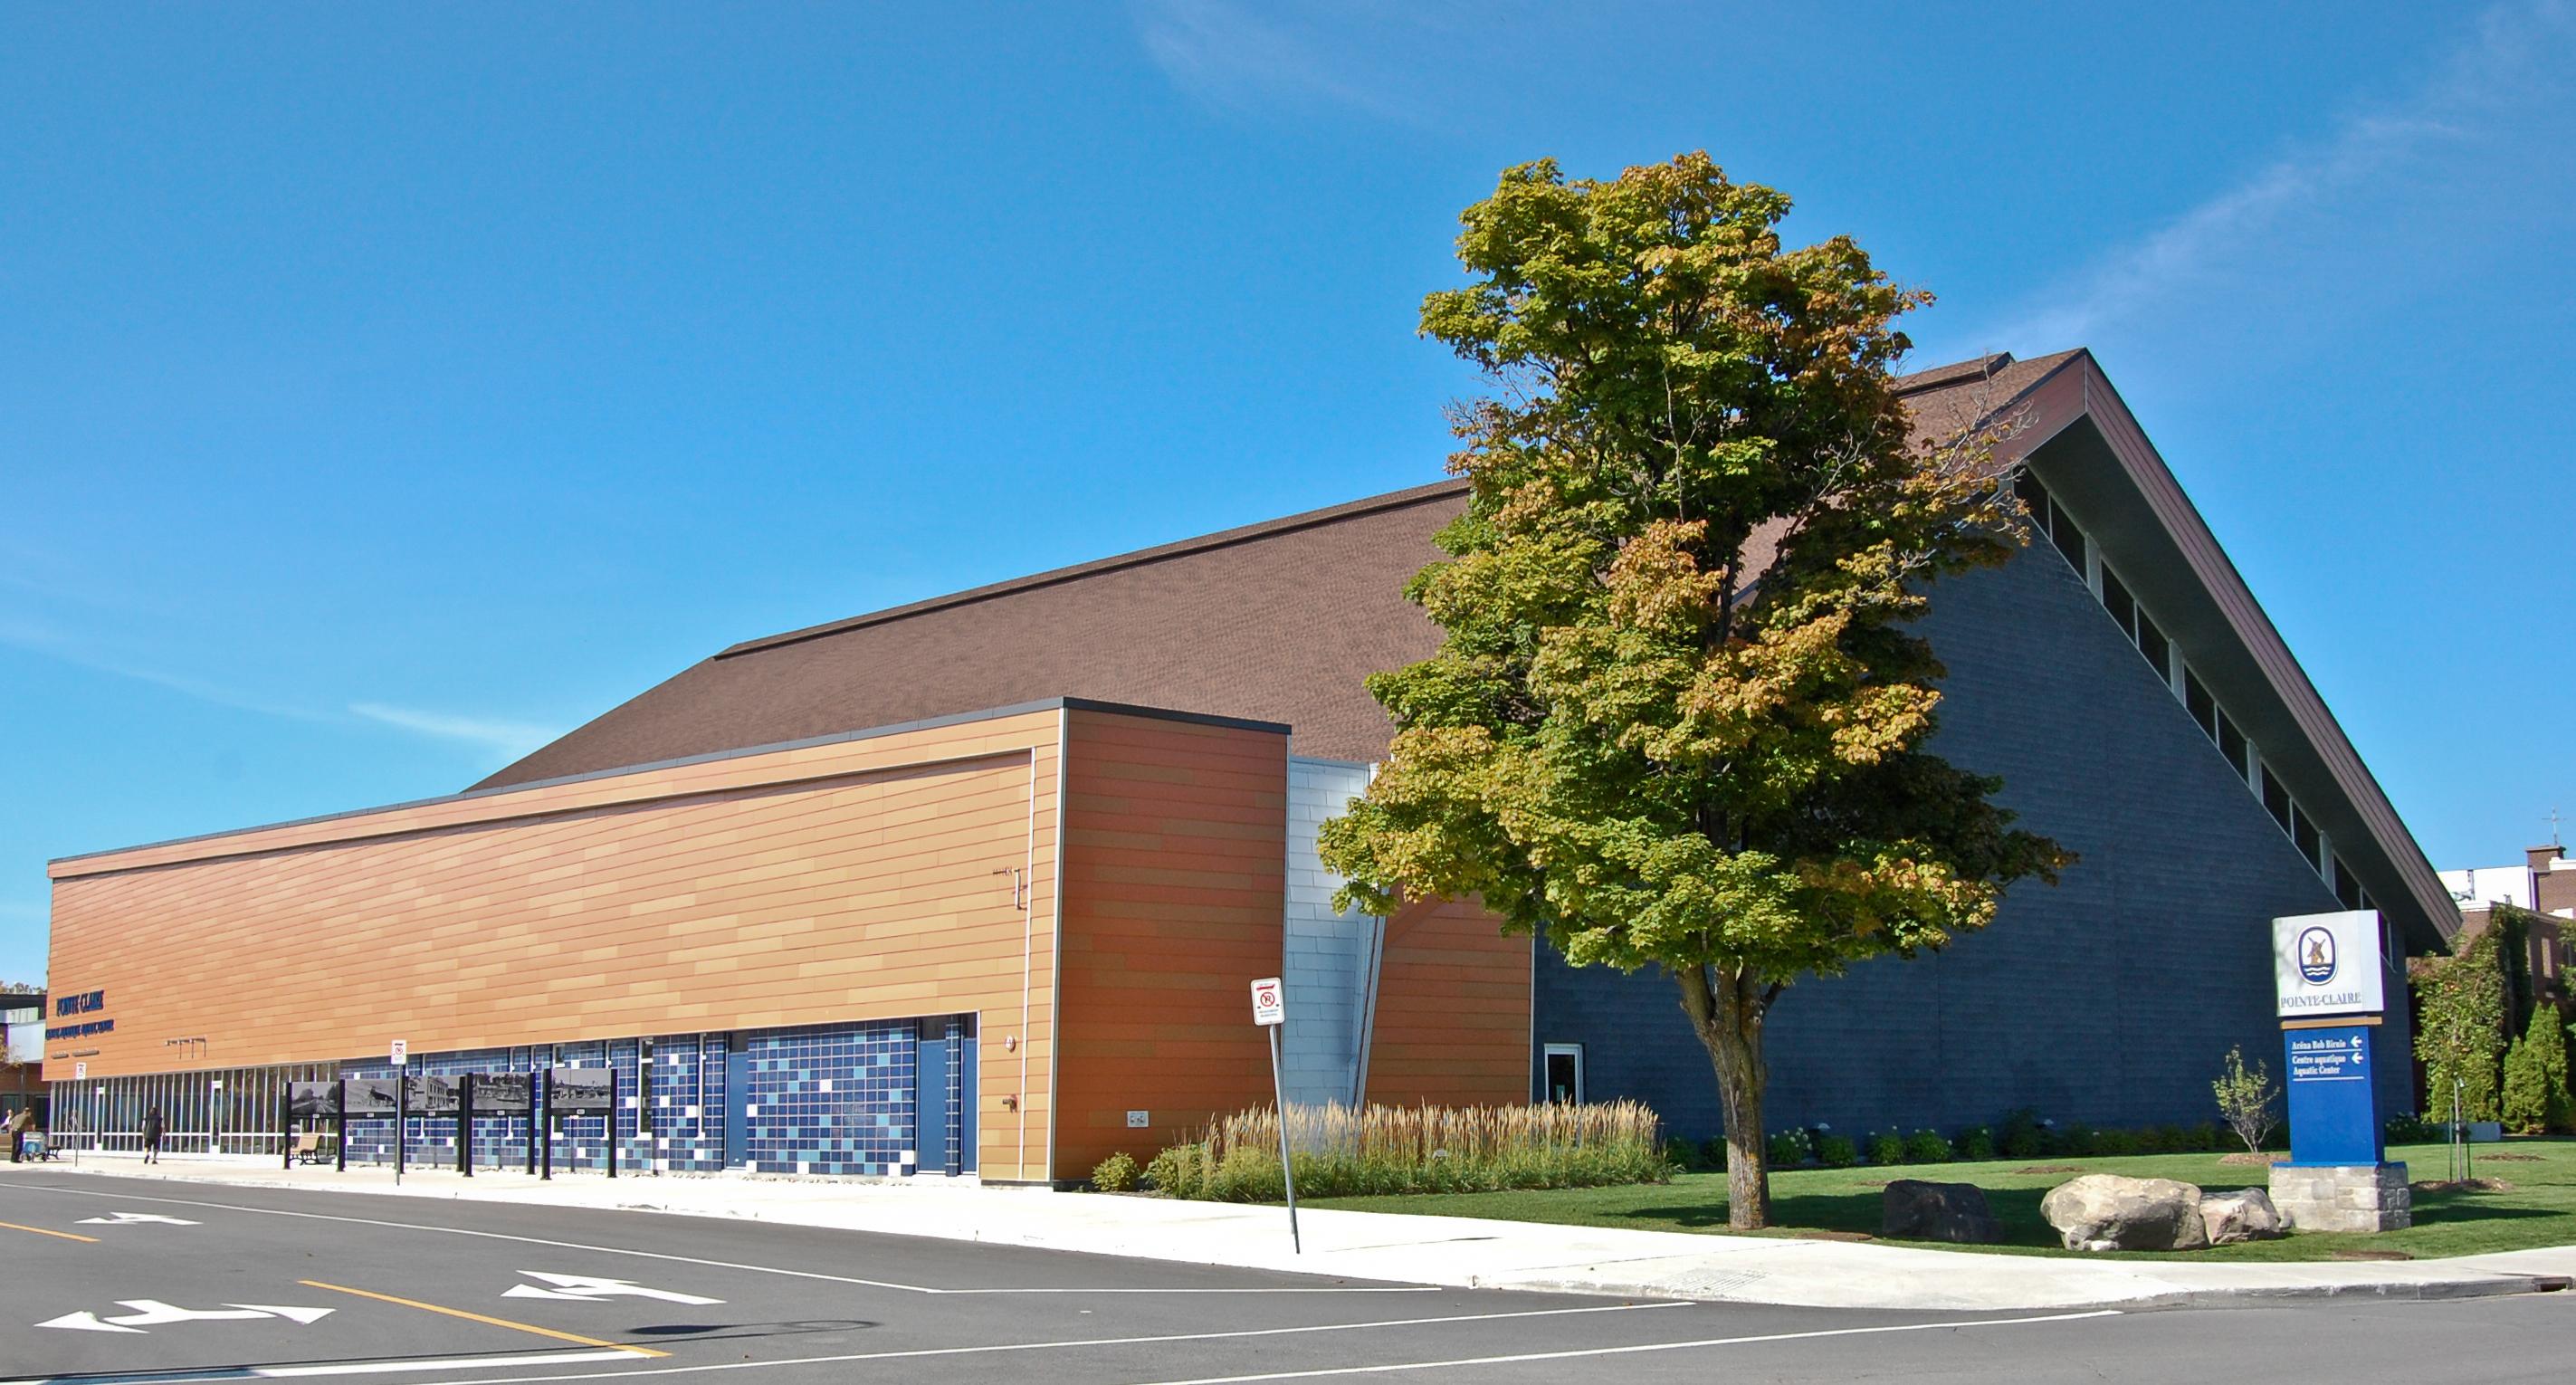 Aquatic Centre - City of Pointe-Claire